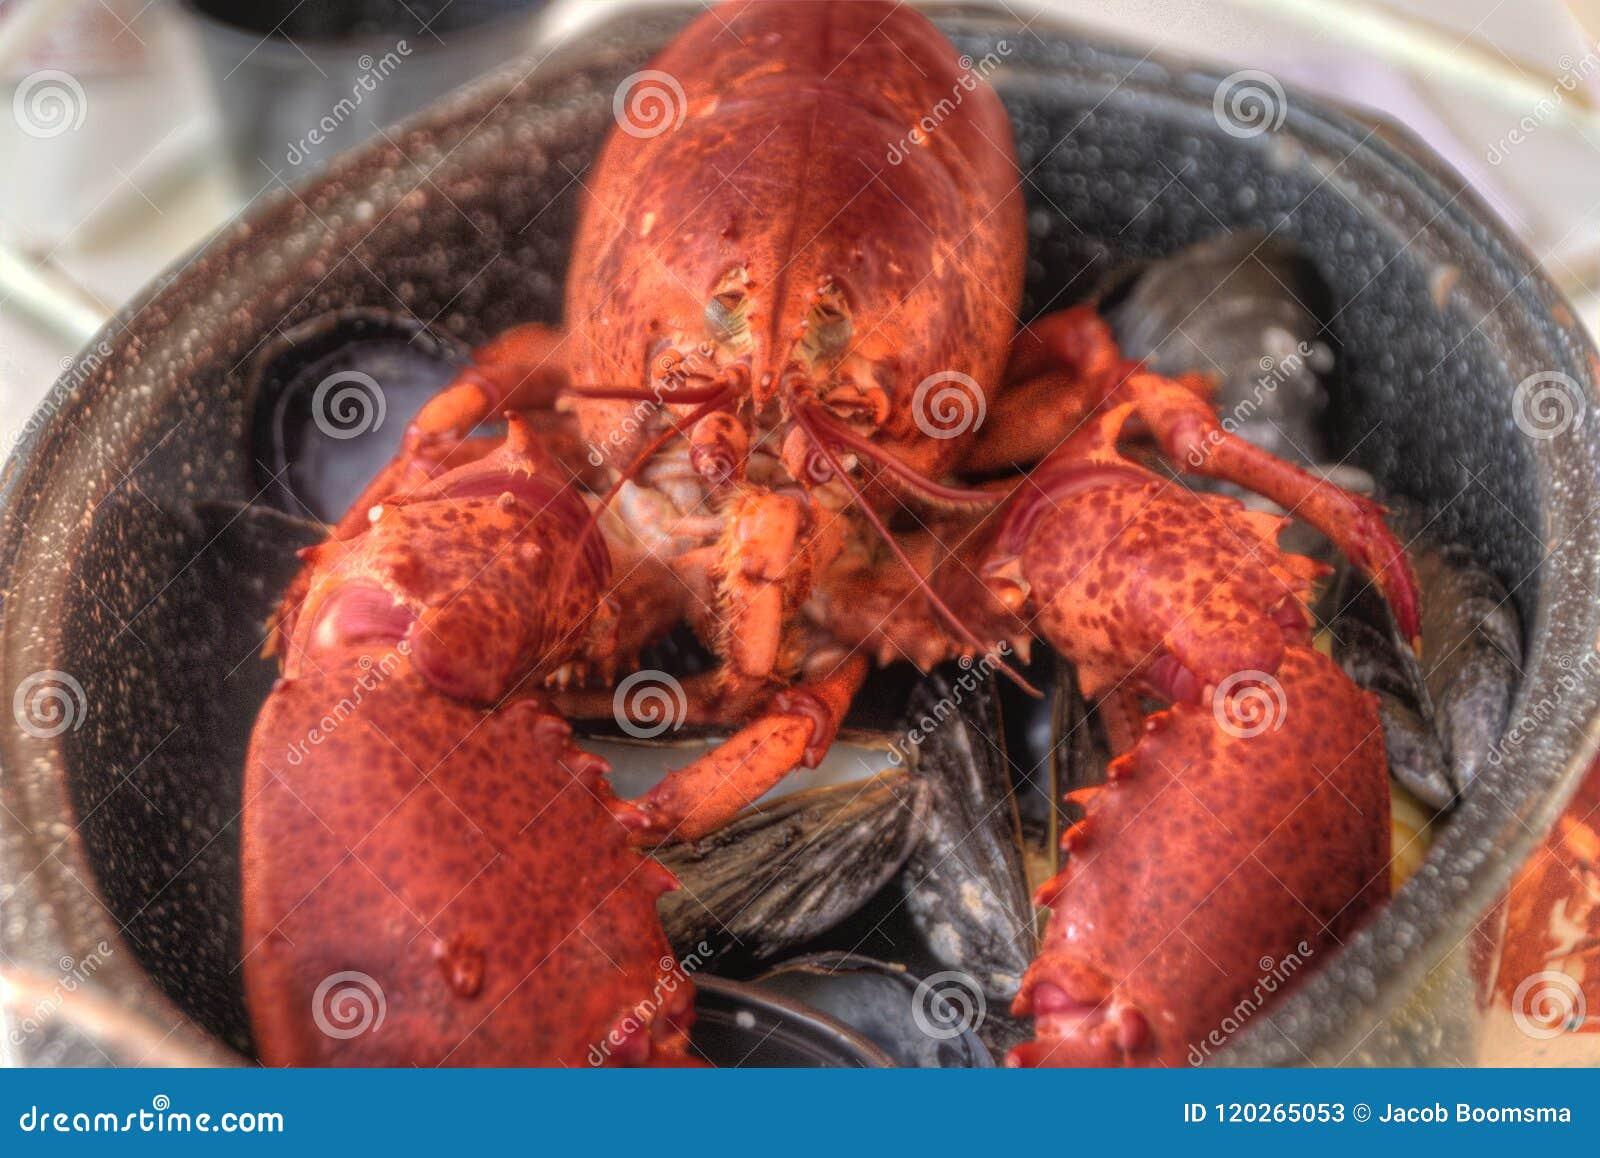 Langosta asada a la parrilla conjunto con los crustáceos del mejillón en un pote